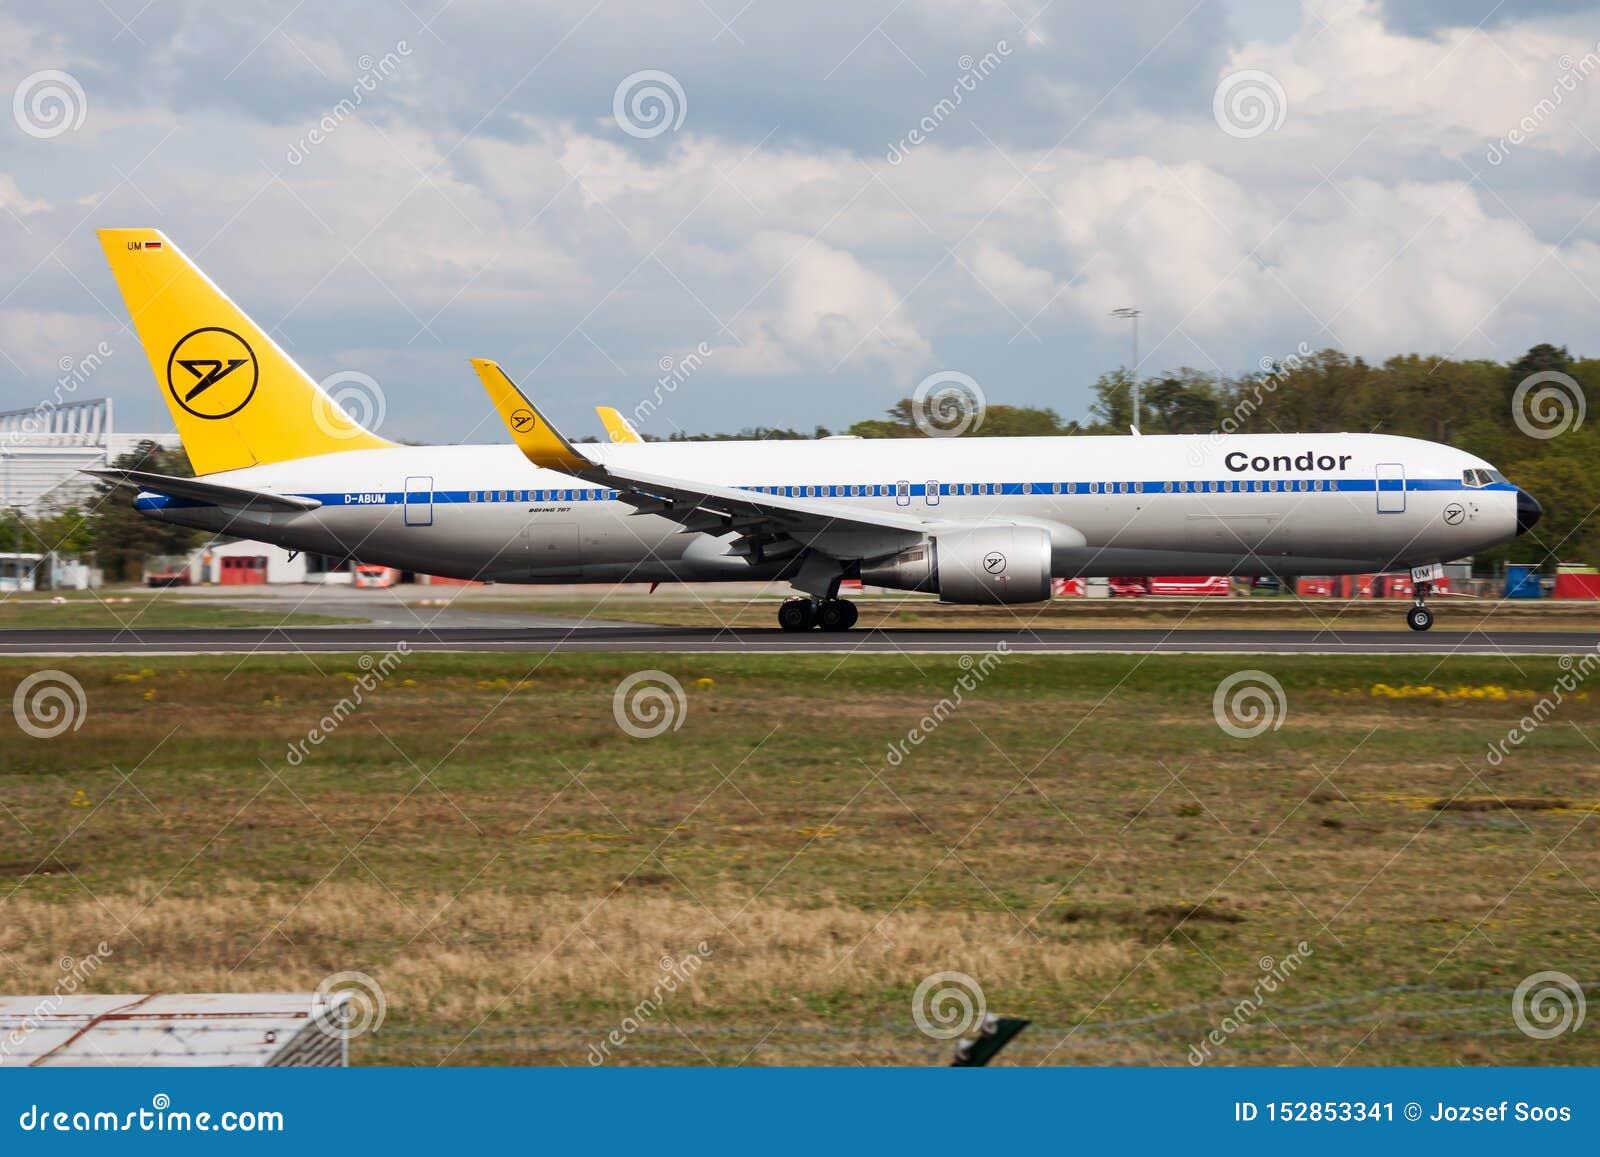 767 seats condor xl Condor Boeing